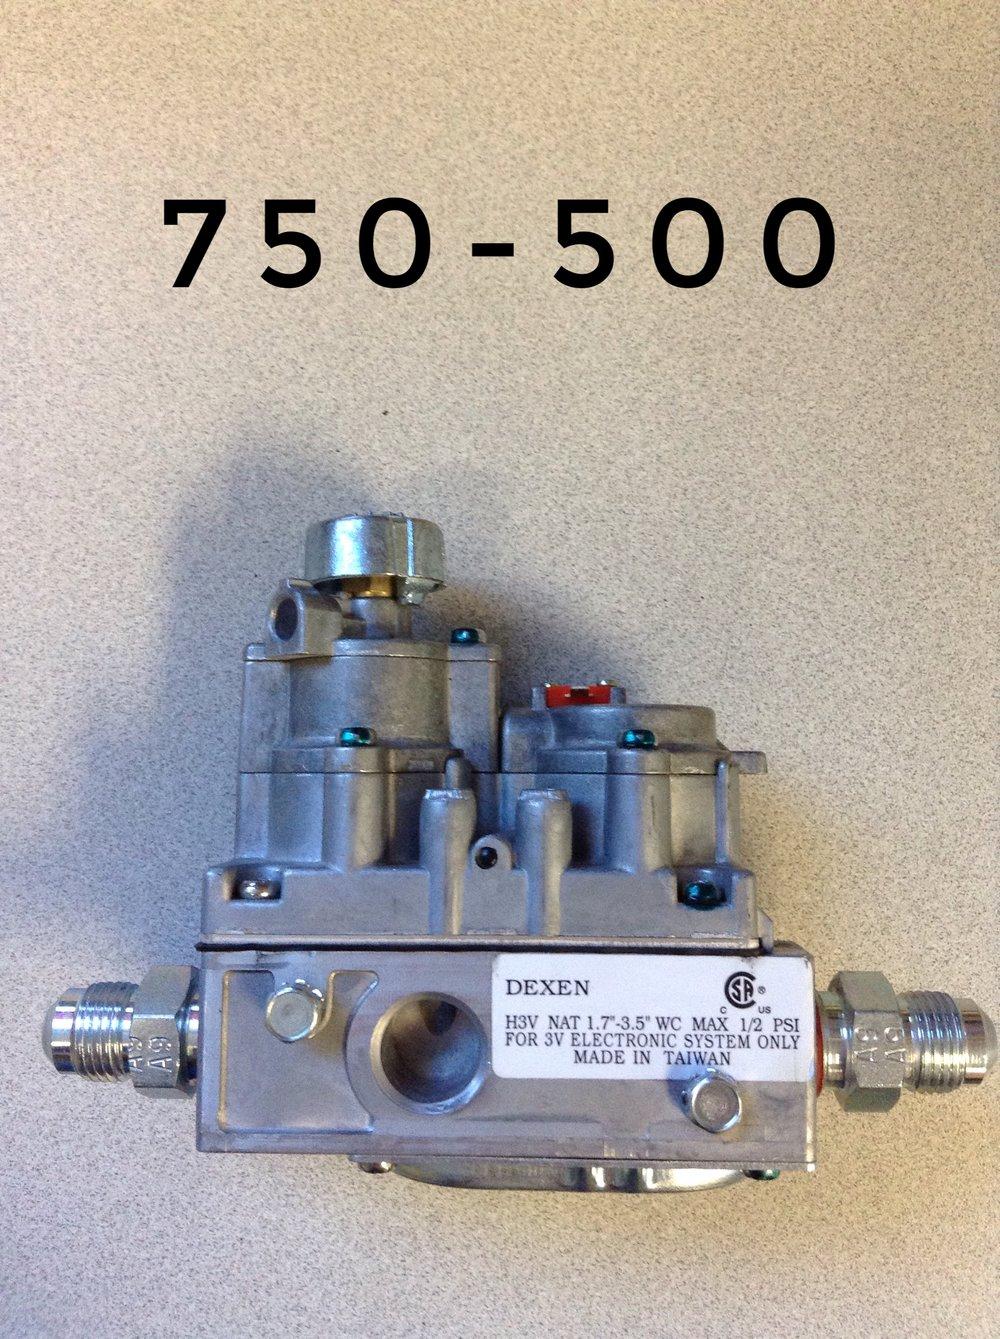 750-500 (2).JPG